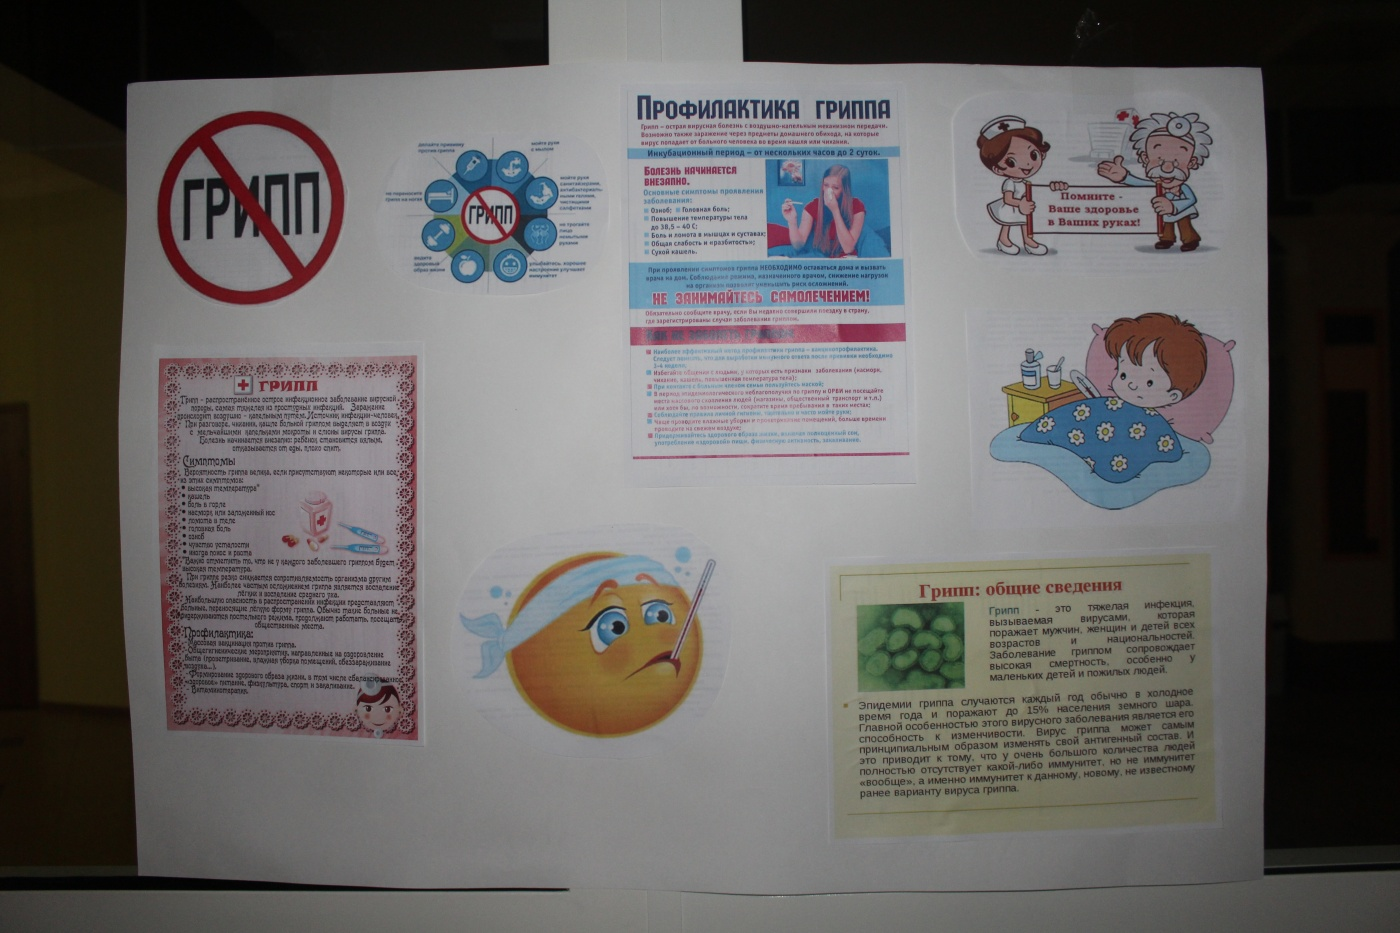 Бюллетень по профилактике гриппа